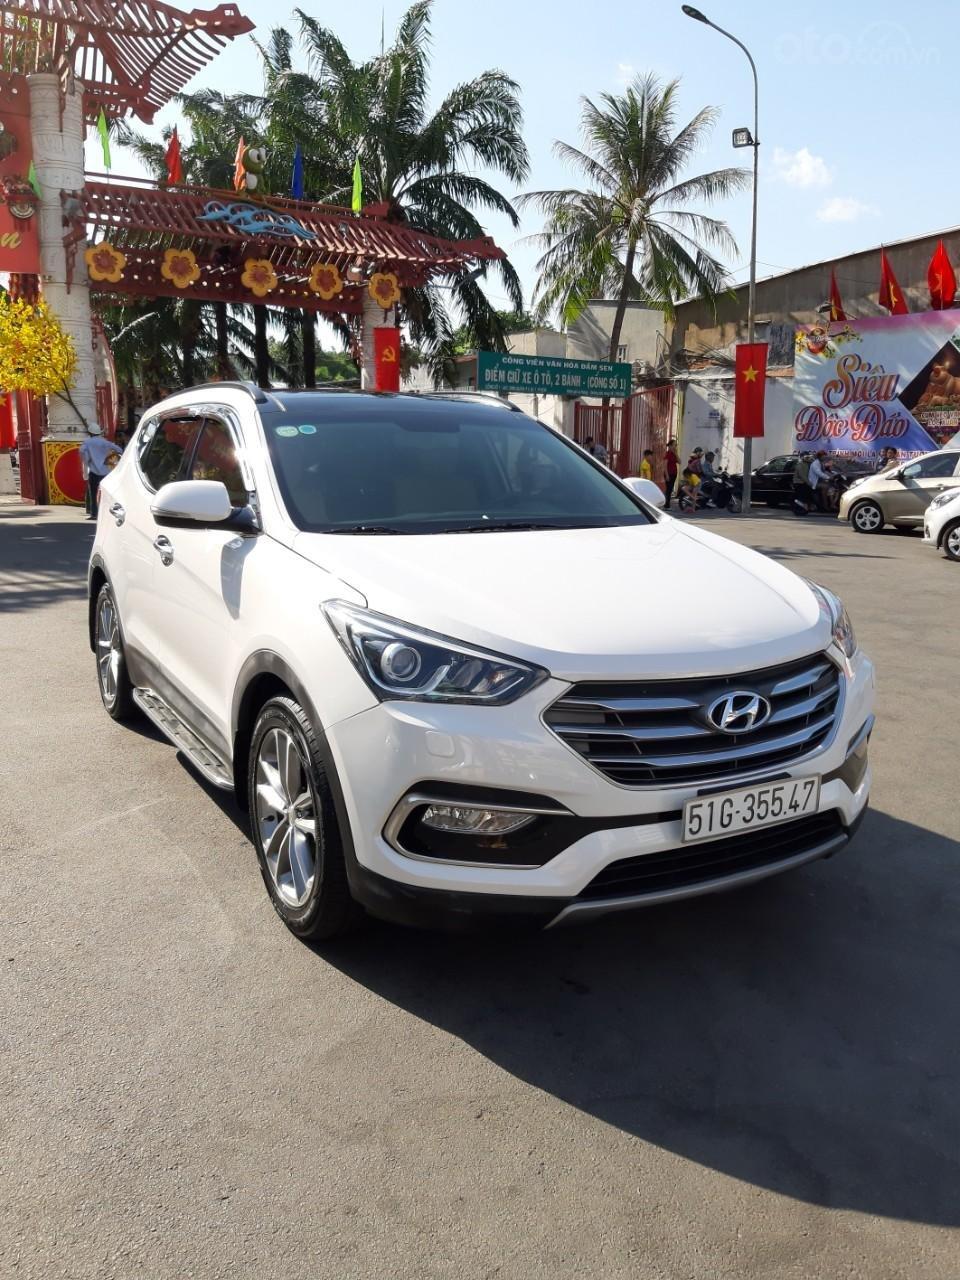 Hyundai Santa Fe CRDi model 2017, màu trắng, nhập khẩu còn mới toanh, full option loại cao cấp nhất, 1 tỷ 50tr-1